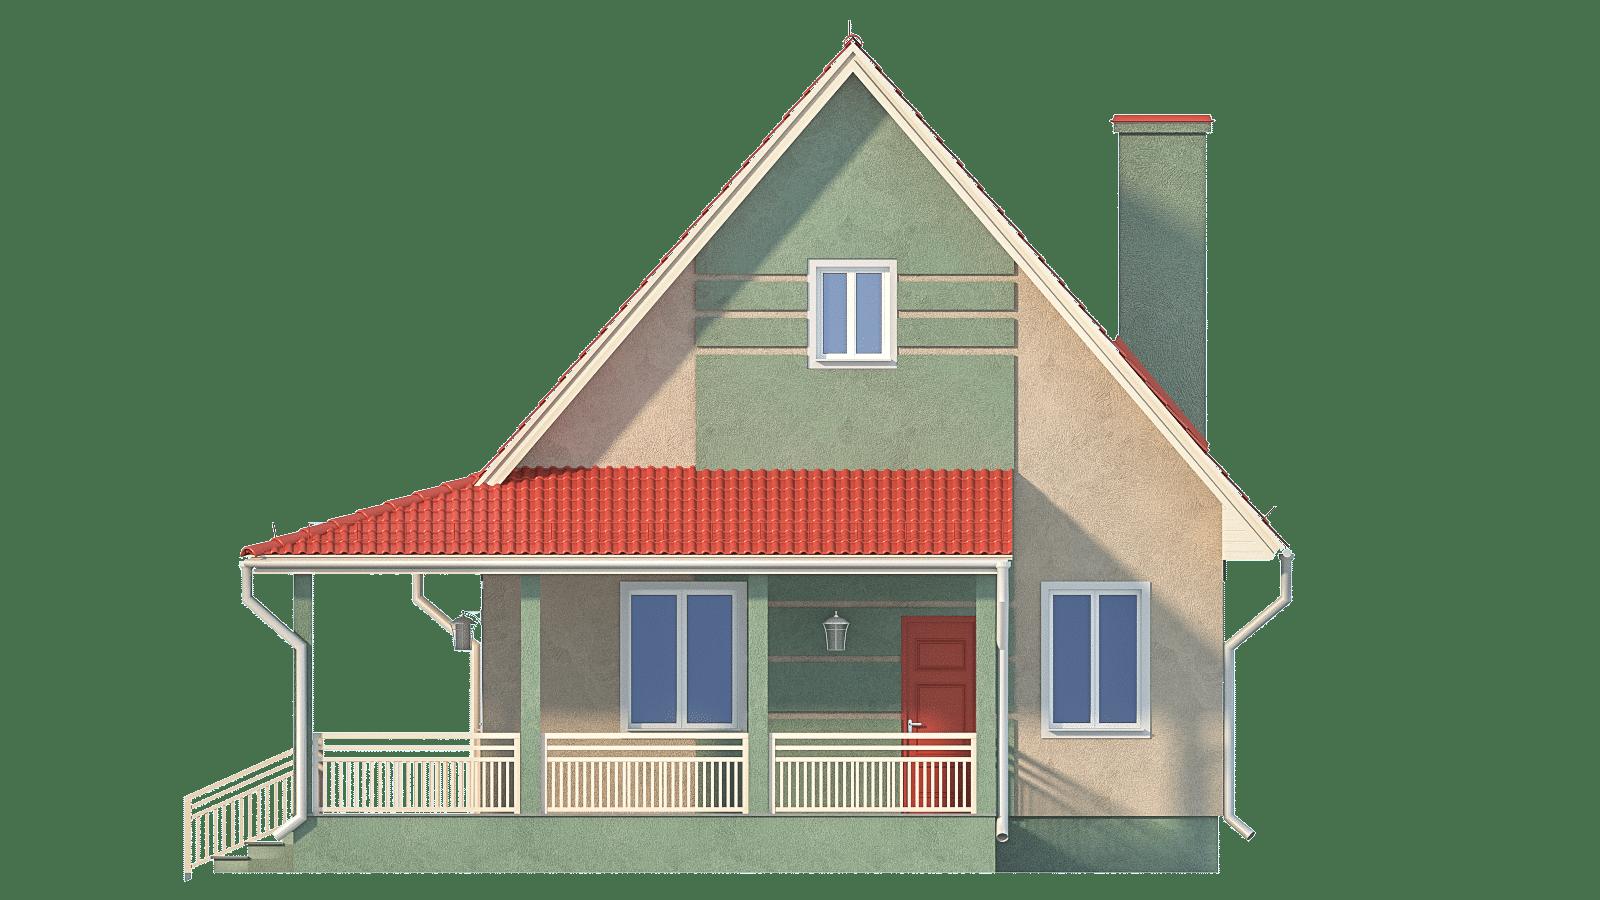 Фасад одноэтажного дома с террасой «КО-34» - справа